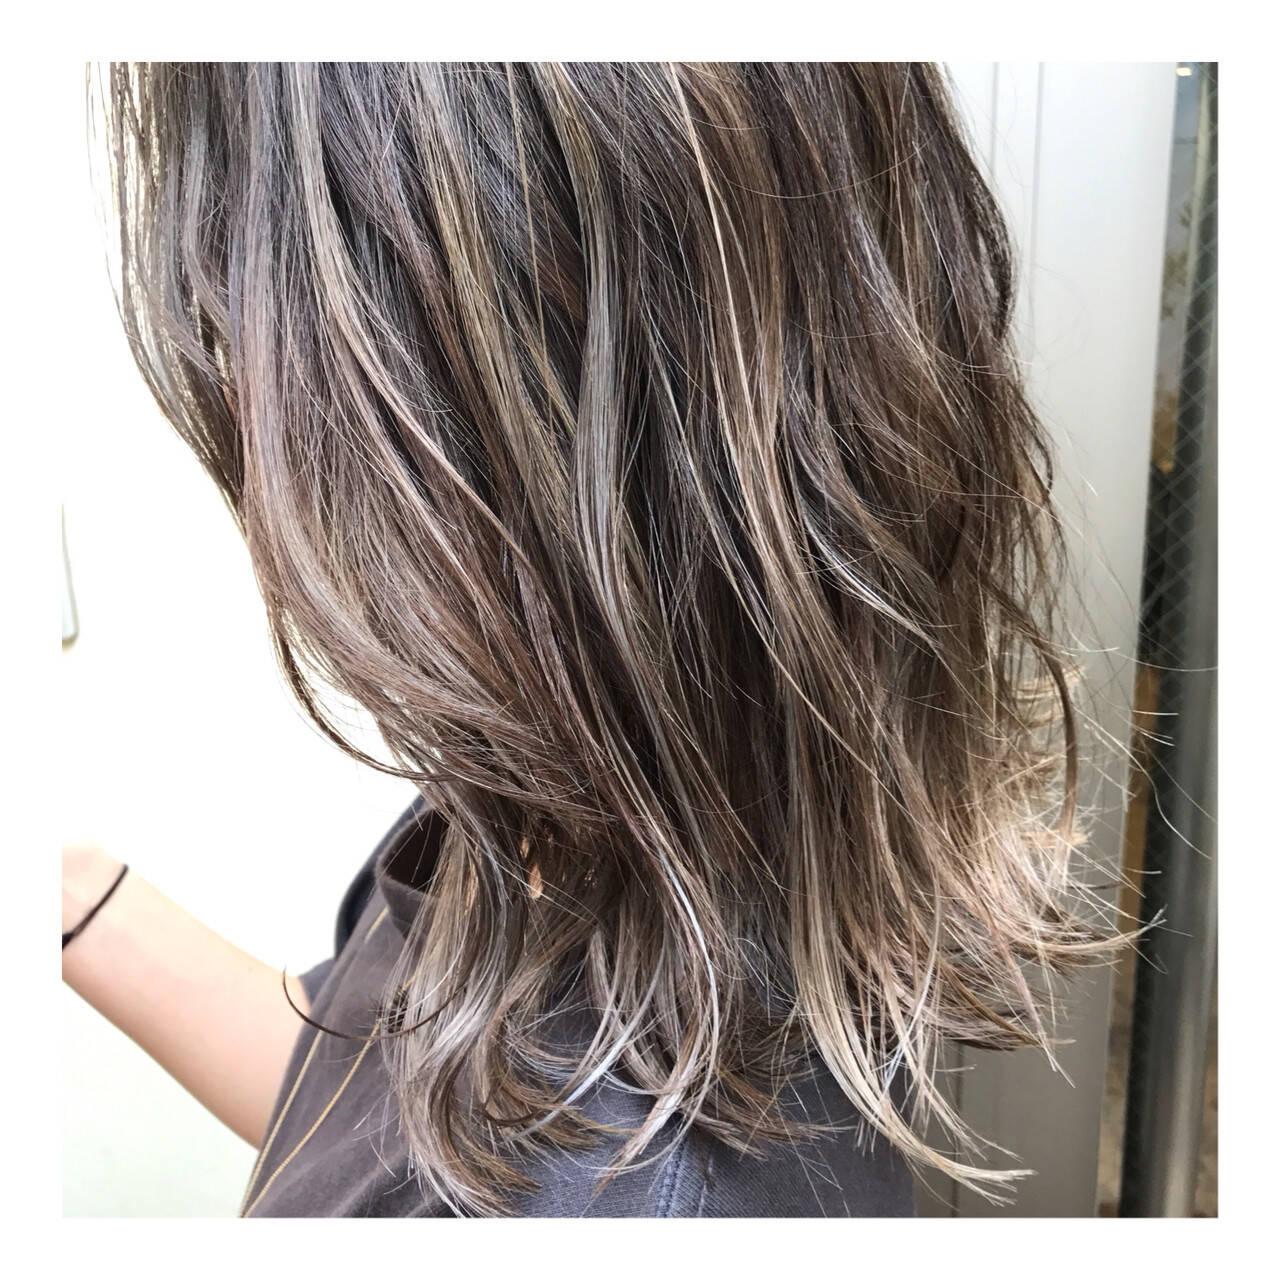 ハイトーンカラー ミディアム ハイライト バレイヤージュヘアスタイルや髪型の写真・画像